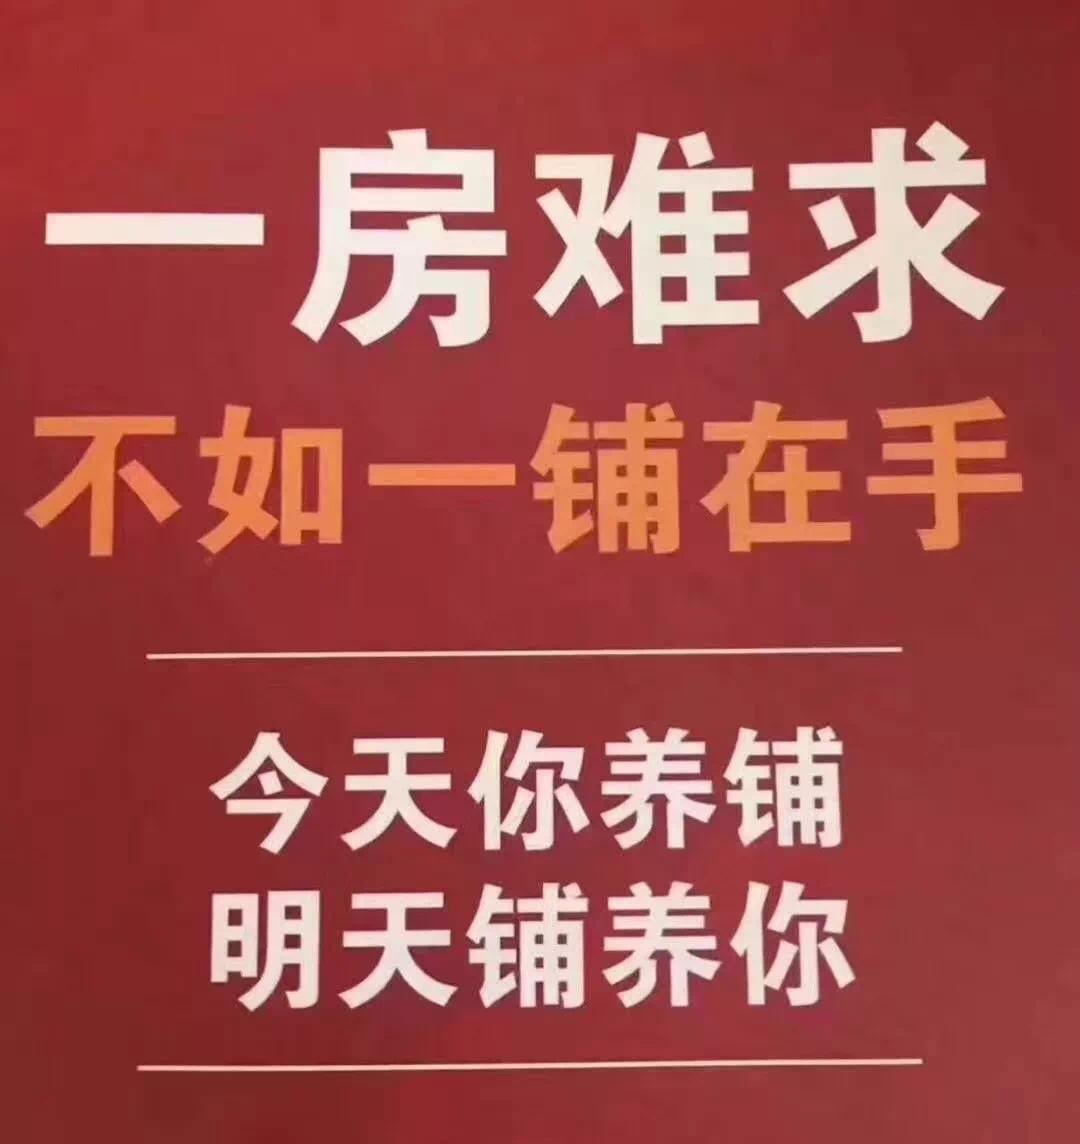 投资花桥房产长远角度看【商铺】鑫苑鑫都汇